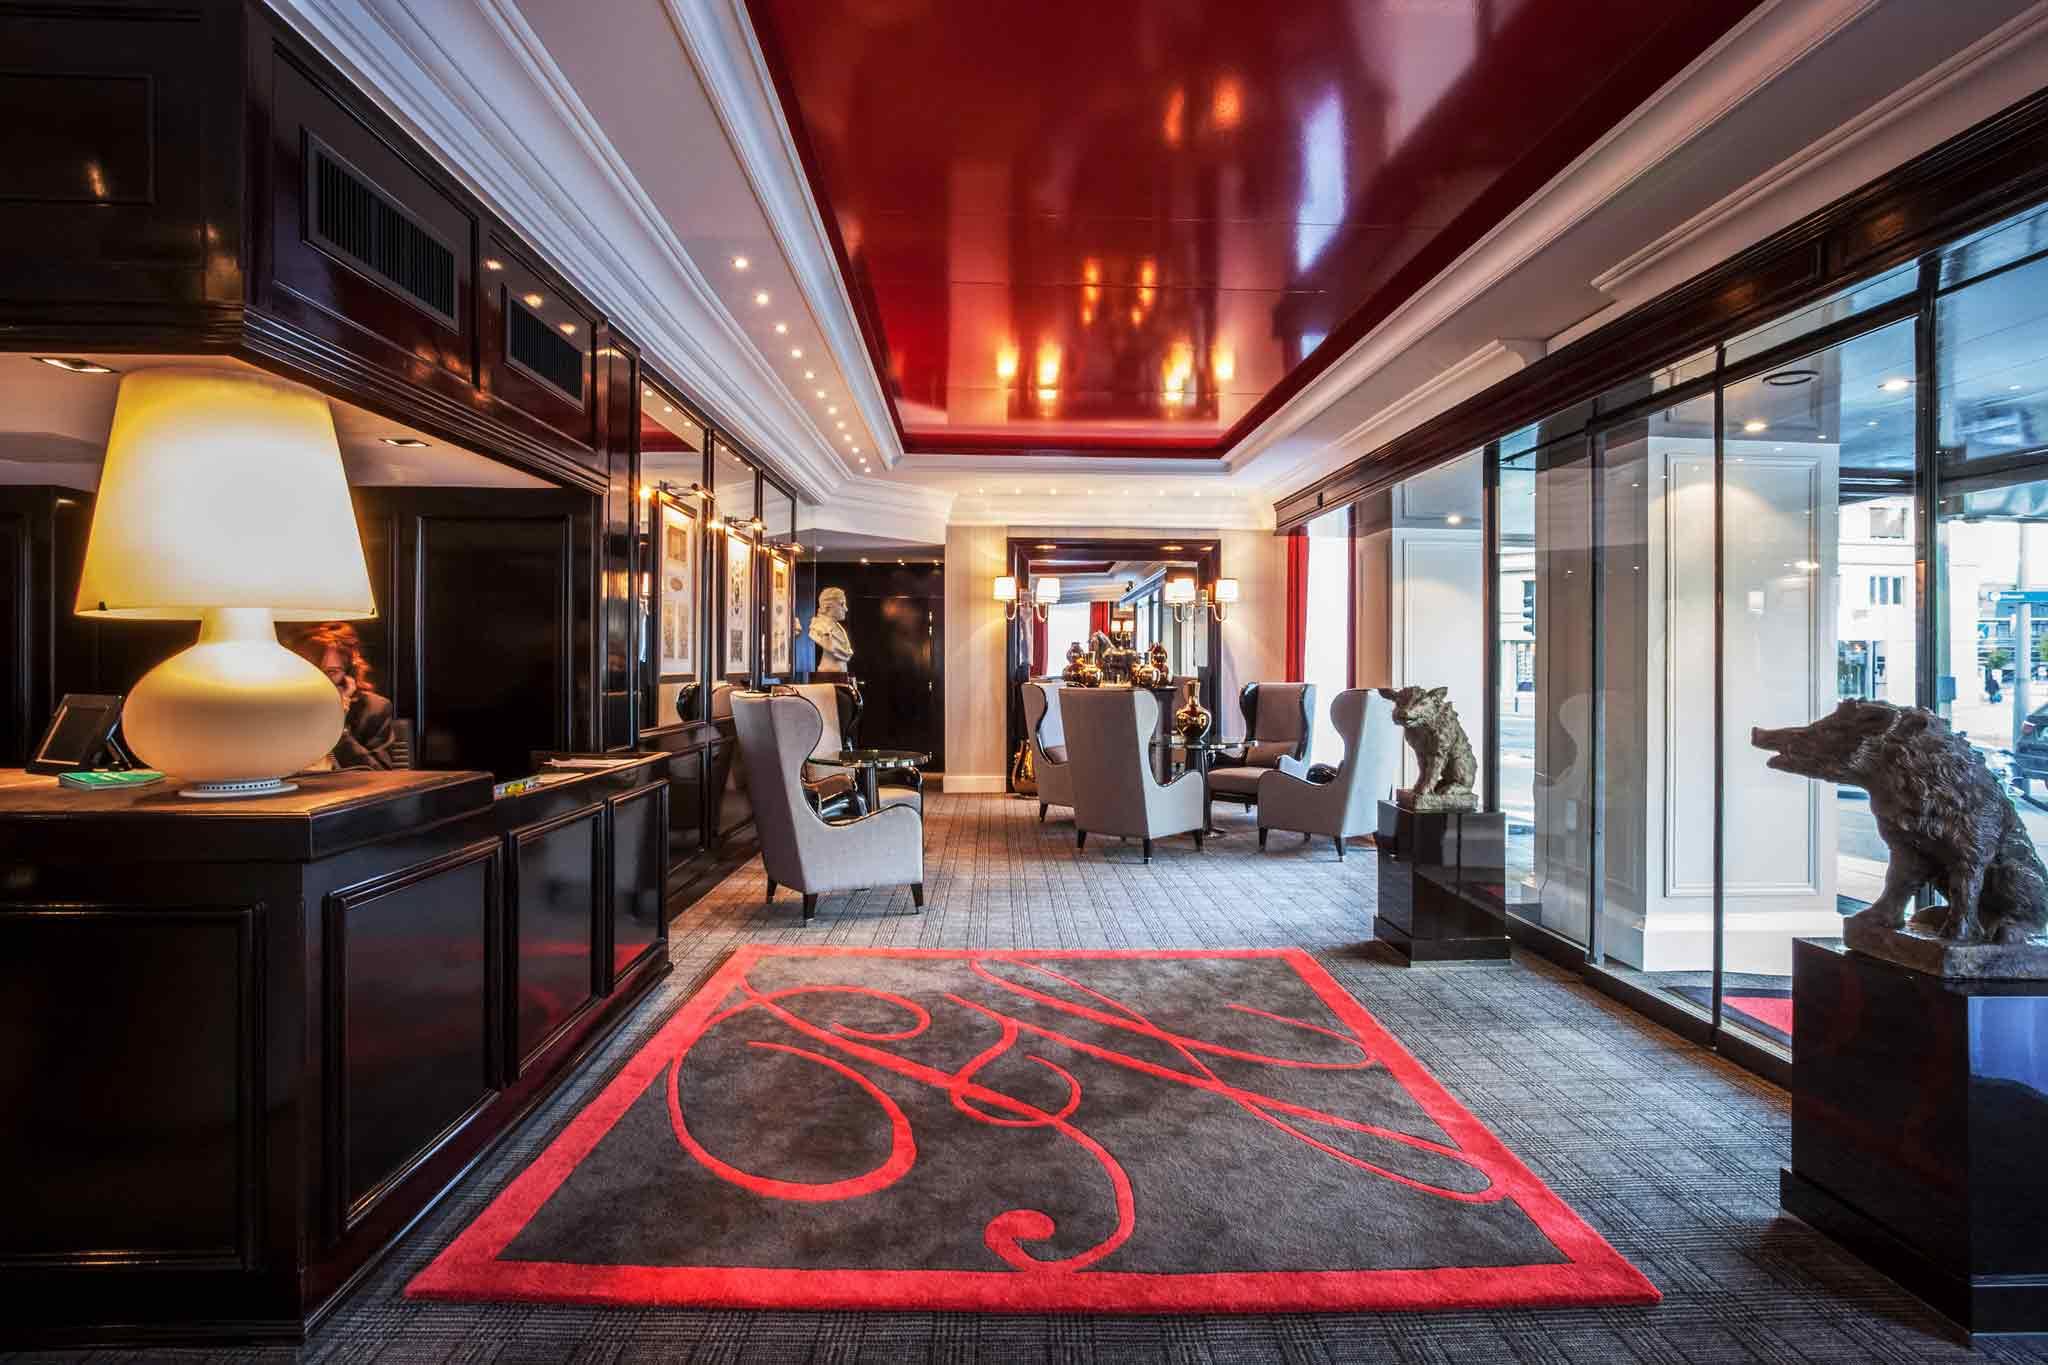 ホテル – パーク ホテル グルノーブル Mギャラリー by ソフィテル